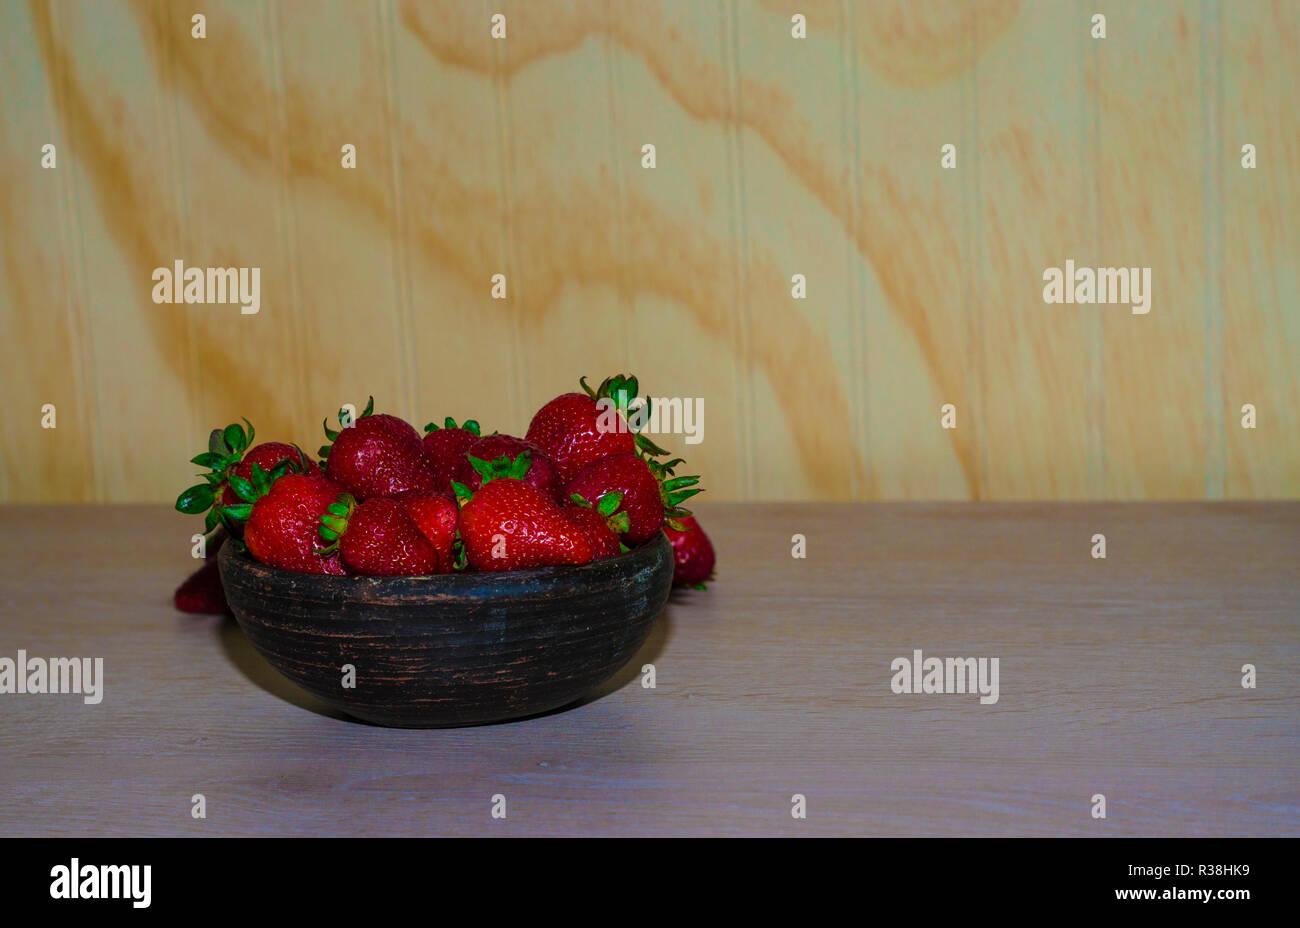 Fresas rojas maduras y frescas sobre vasija de greda Immagini Stock